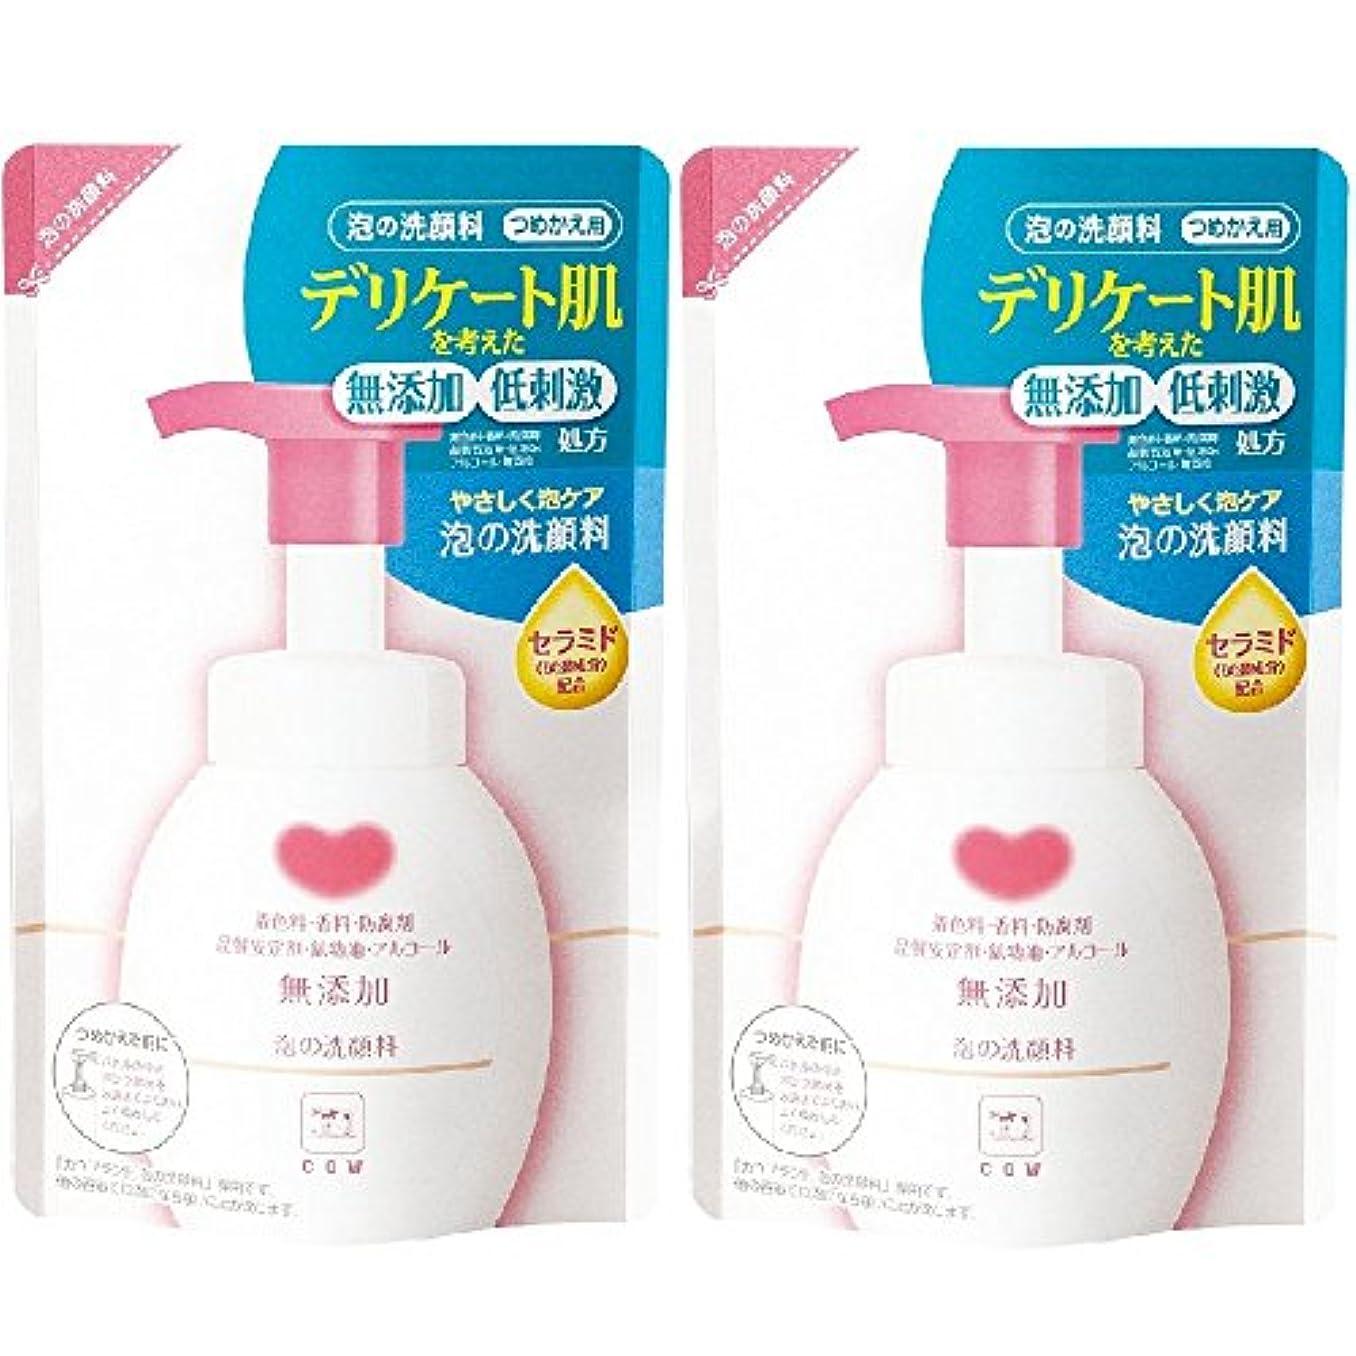 小競り合いオークションアカデミーカウブランド 無添加 泡の洗顔料 詰替用 2個組 (180mL×2個)